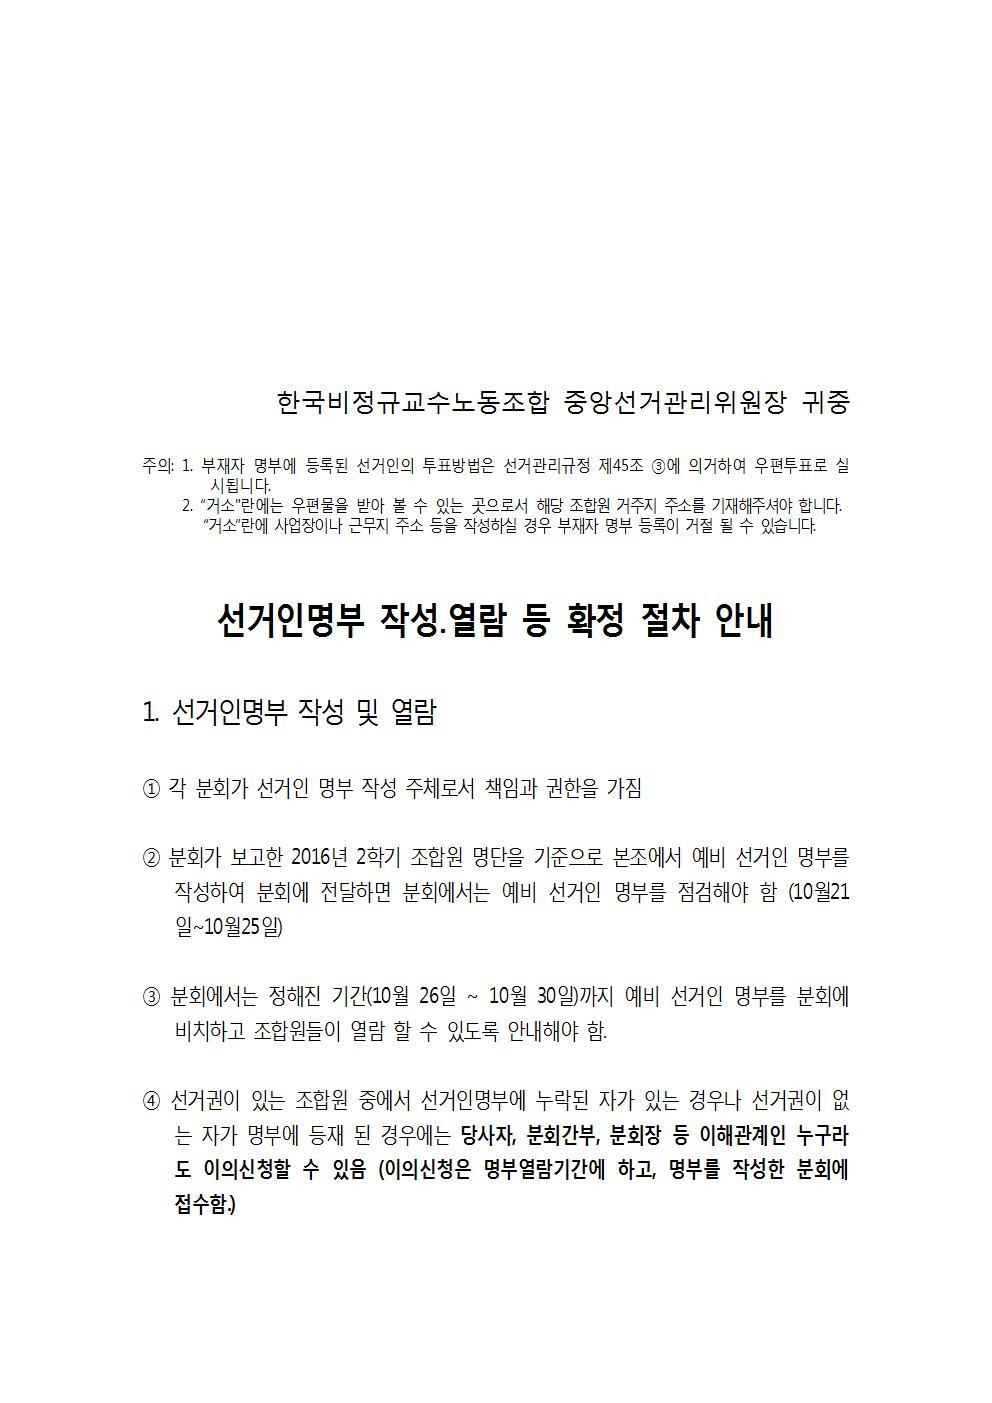 한국비정규교수노동조합 제20기 위원장 선거 jpg005.jpg